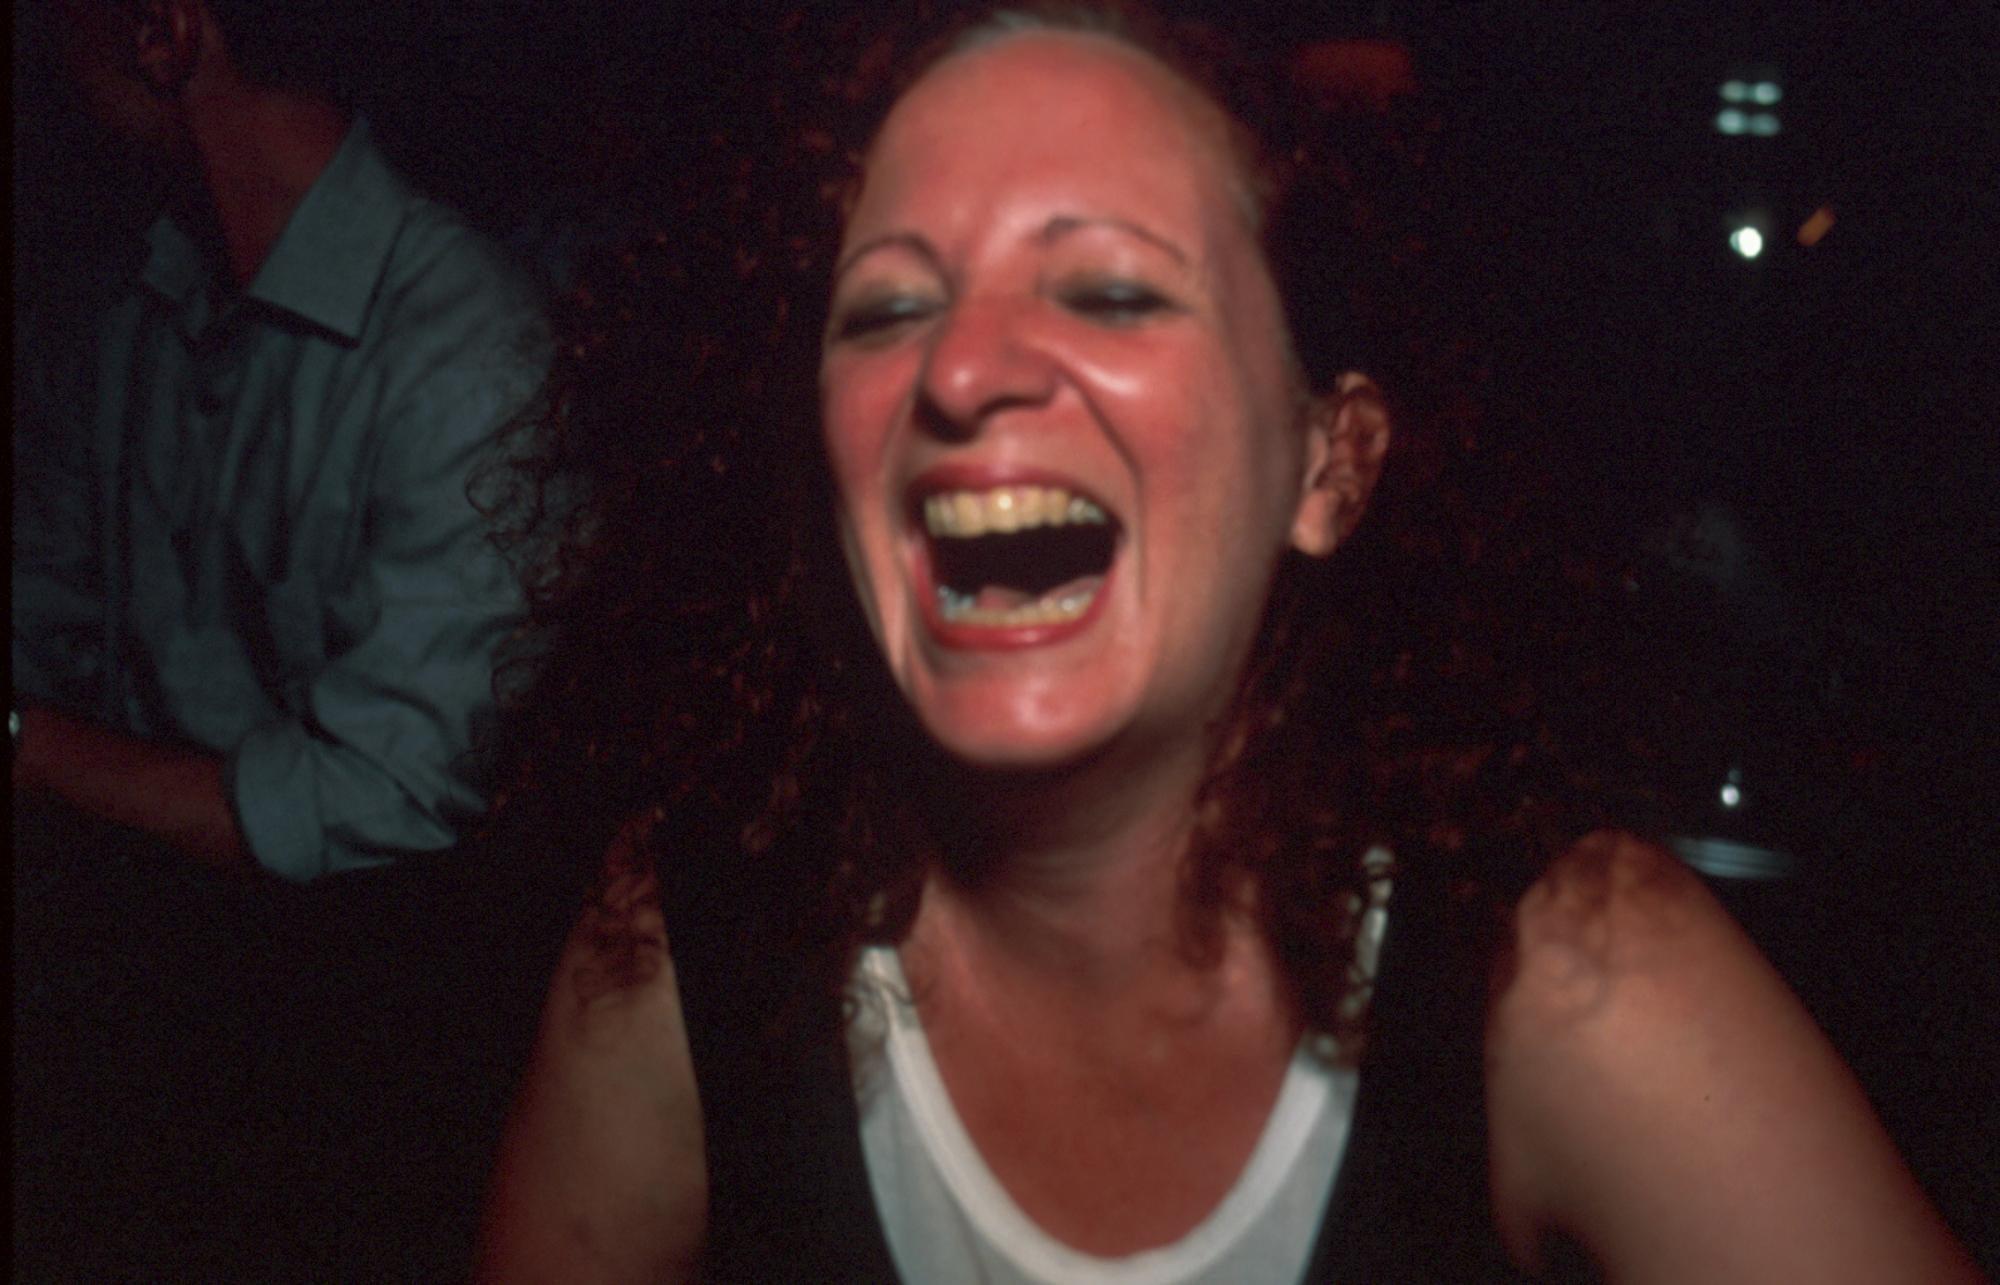 Self-portrait laughing, Paris